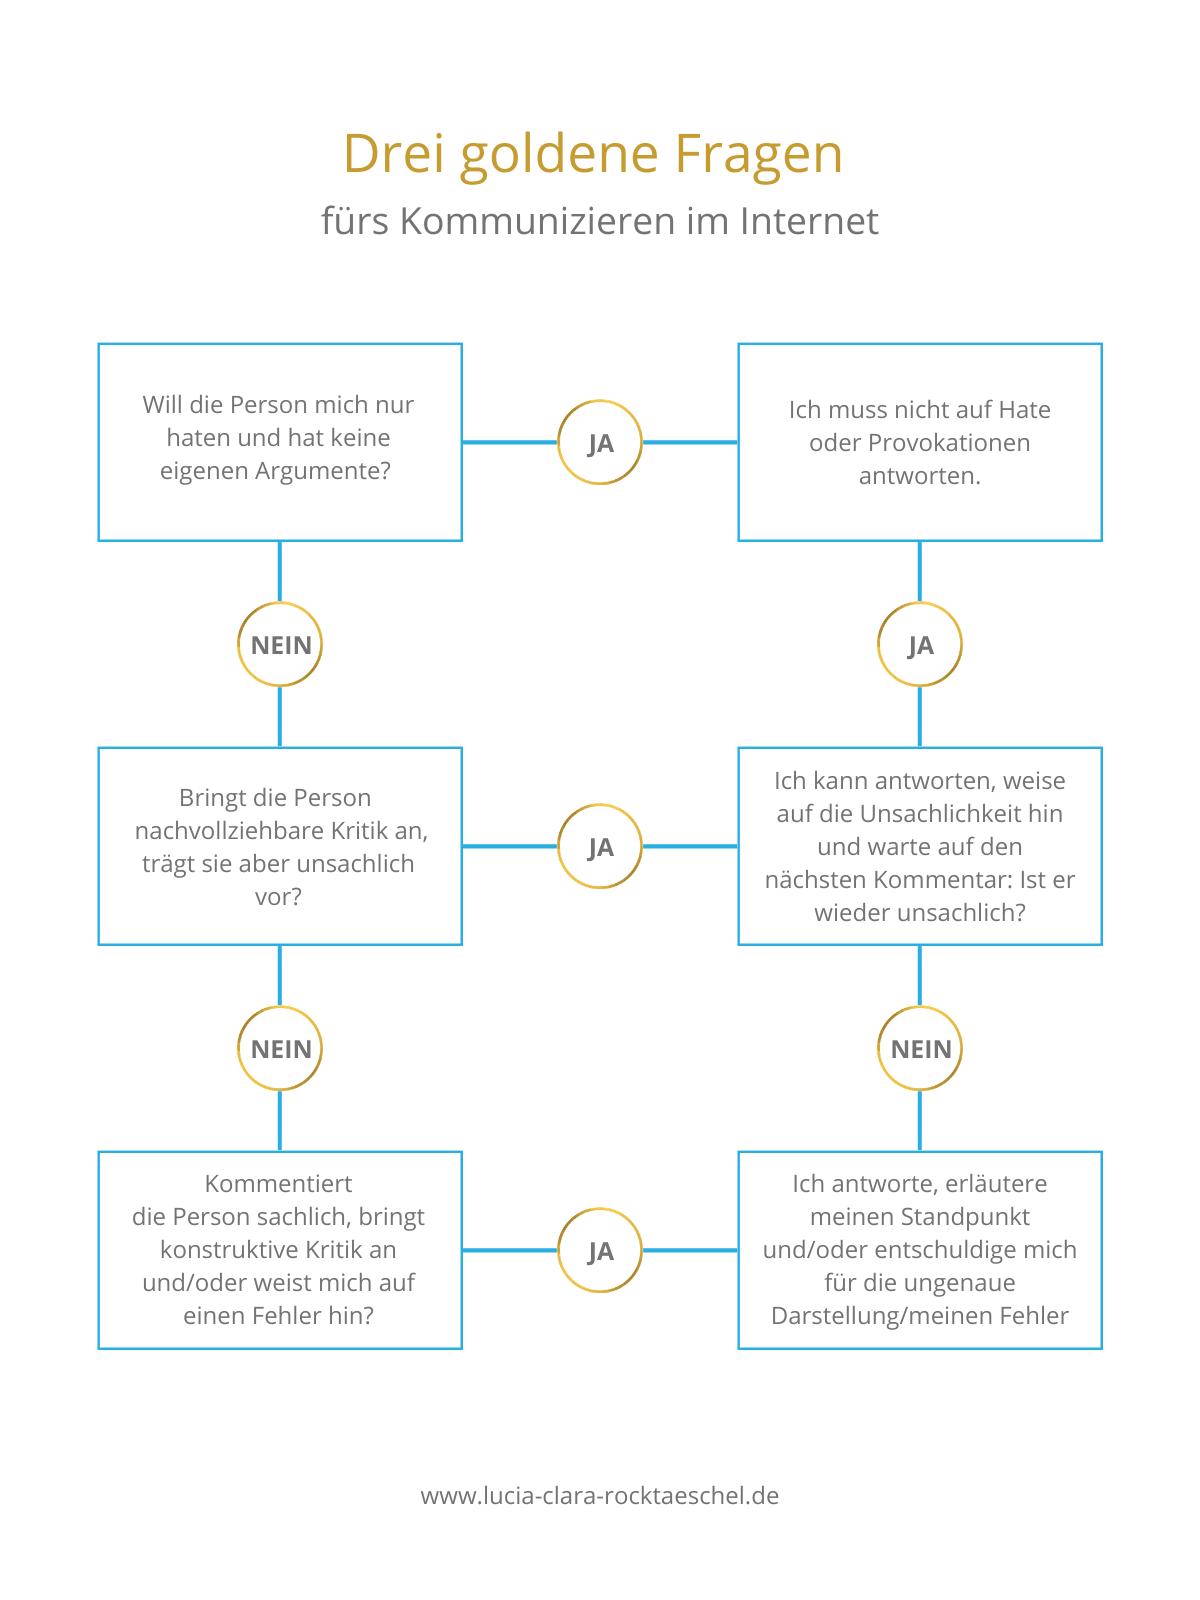 Schaubild Drei goldene Fragen fürs Kommunizieren im Internet. Inhalt ist im Text wiederholt.